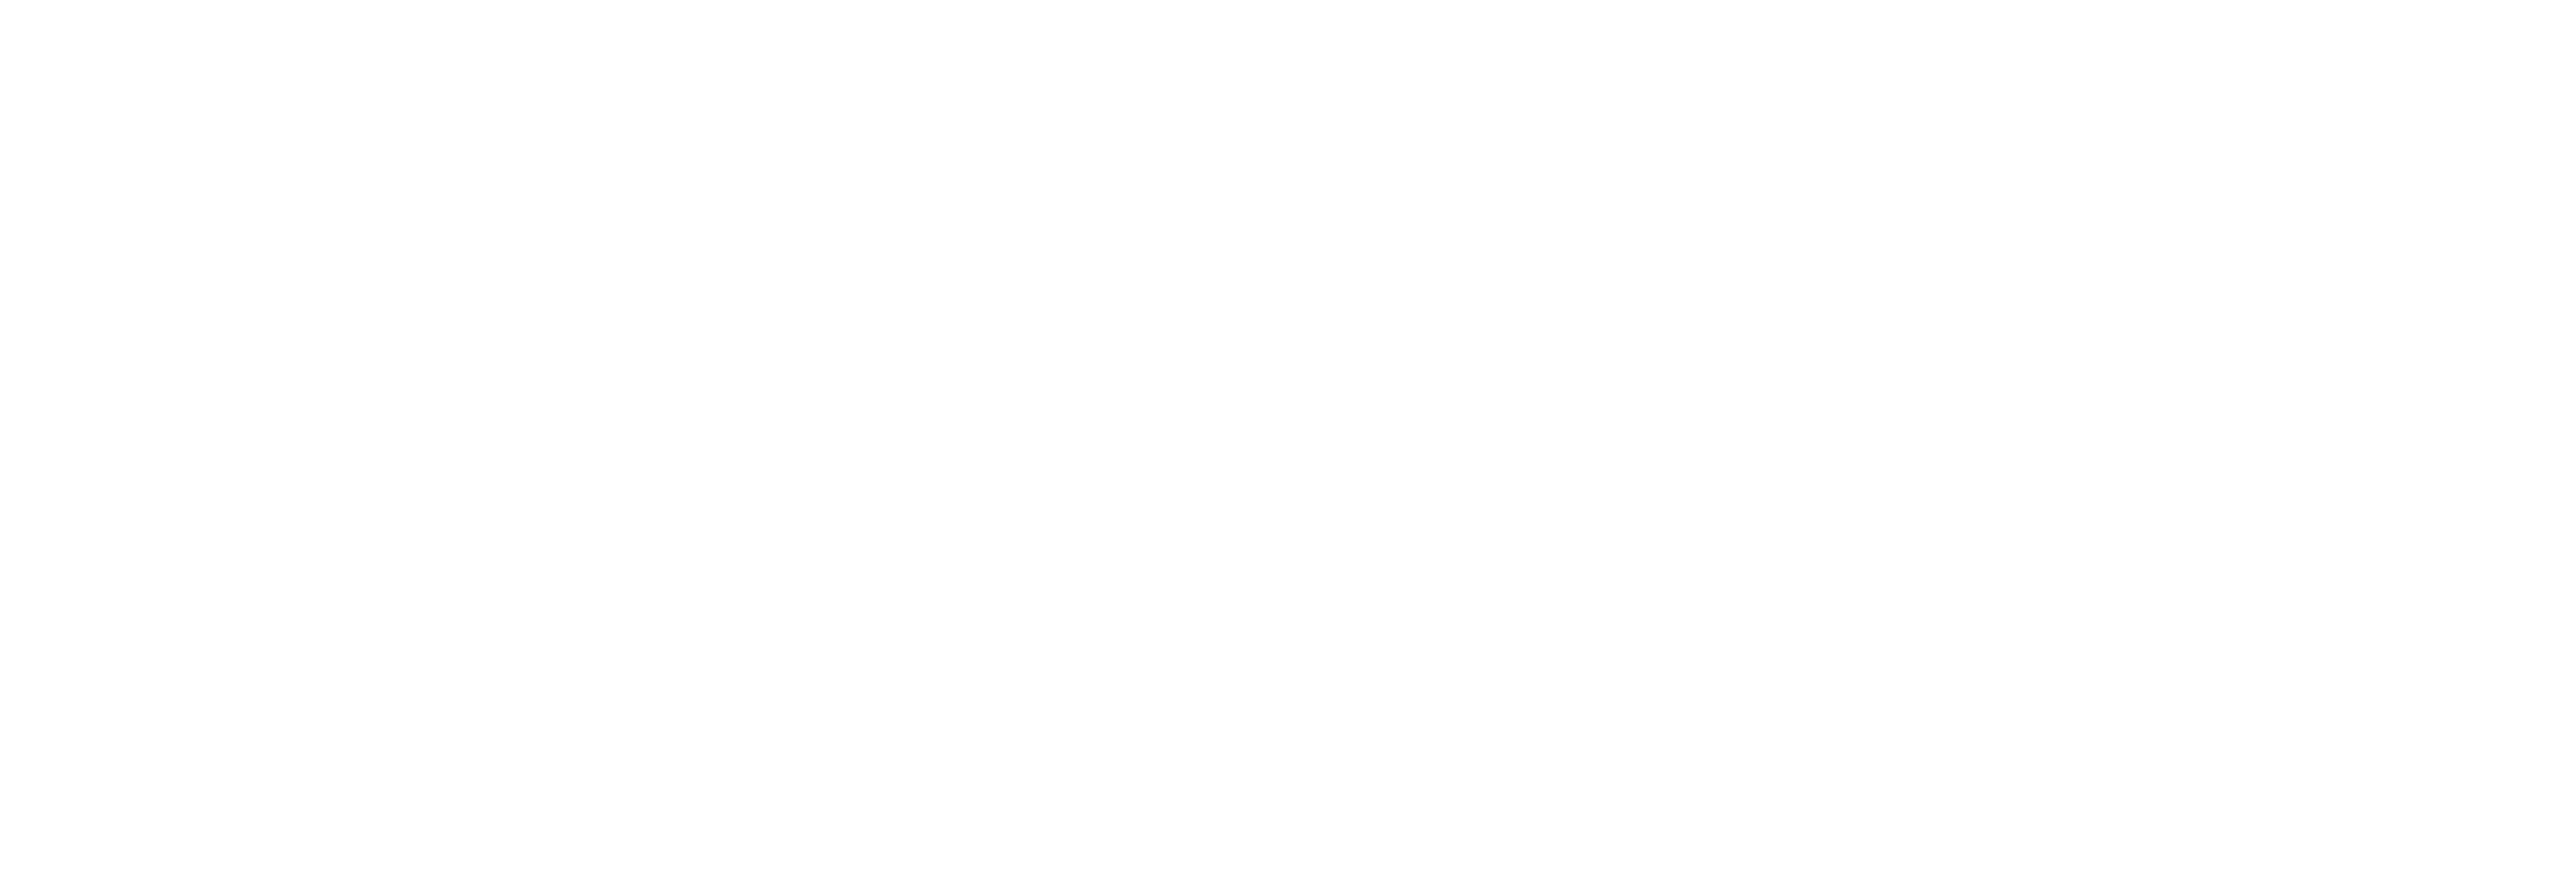 Crowhurst Spa